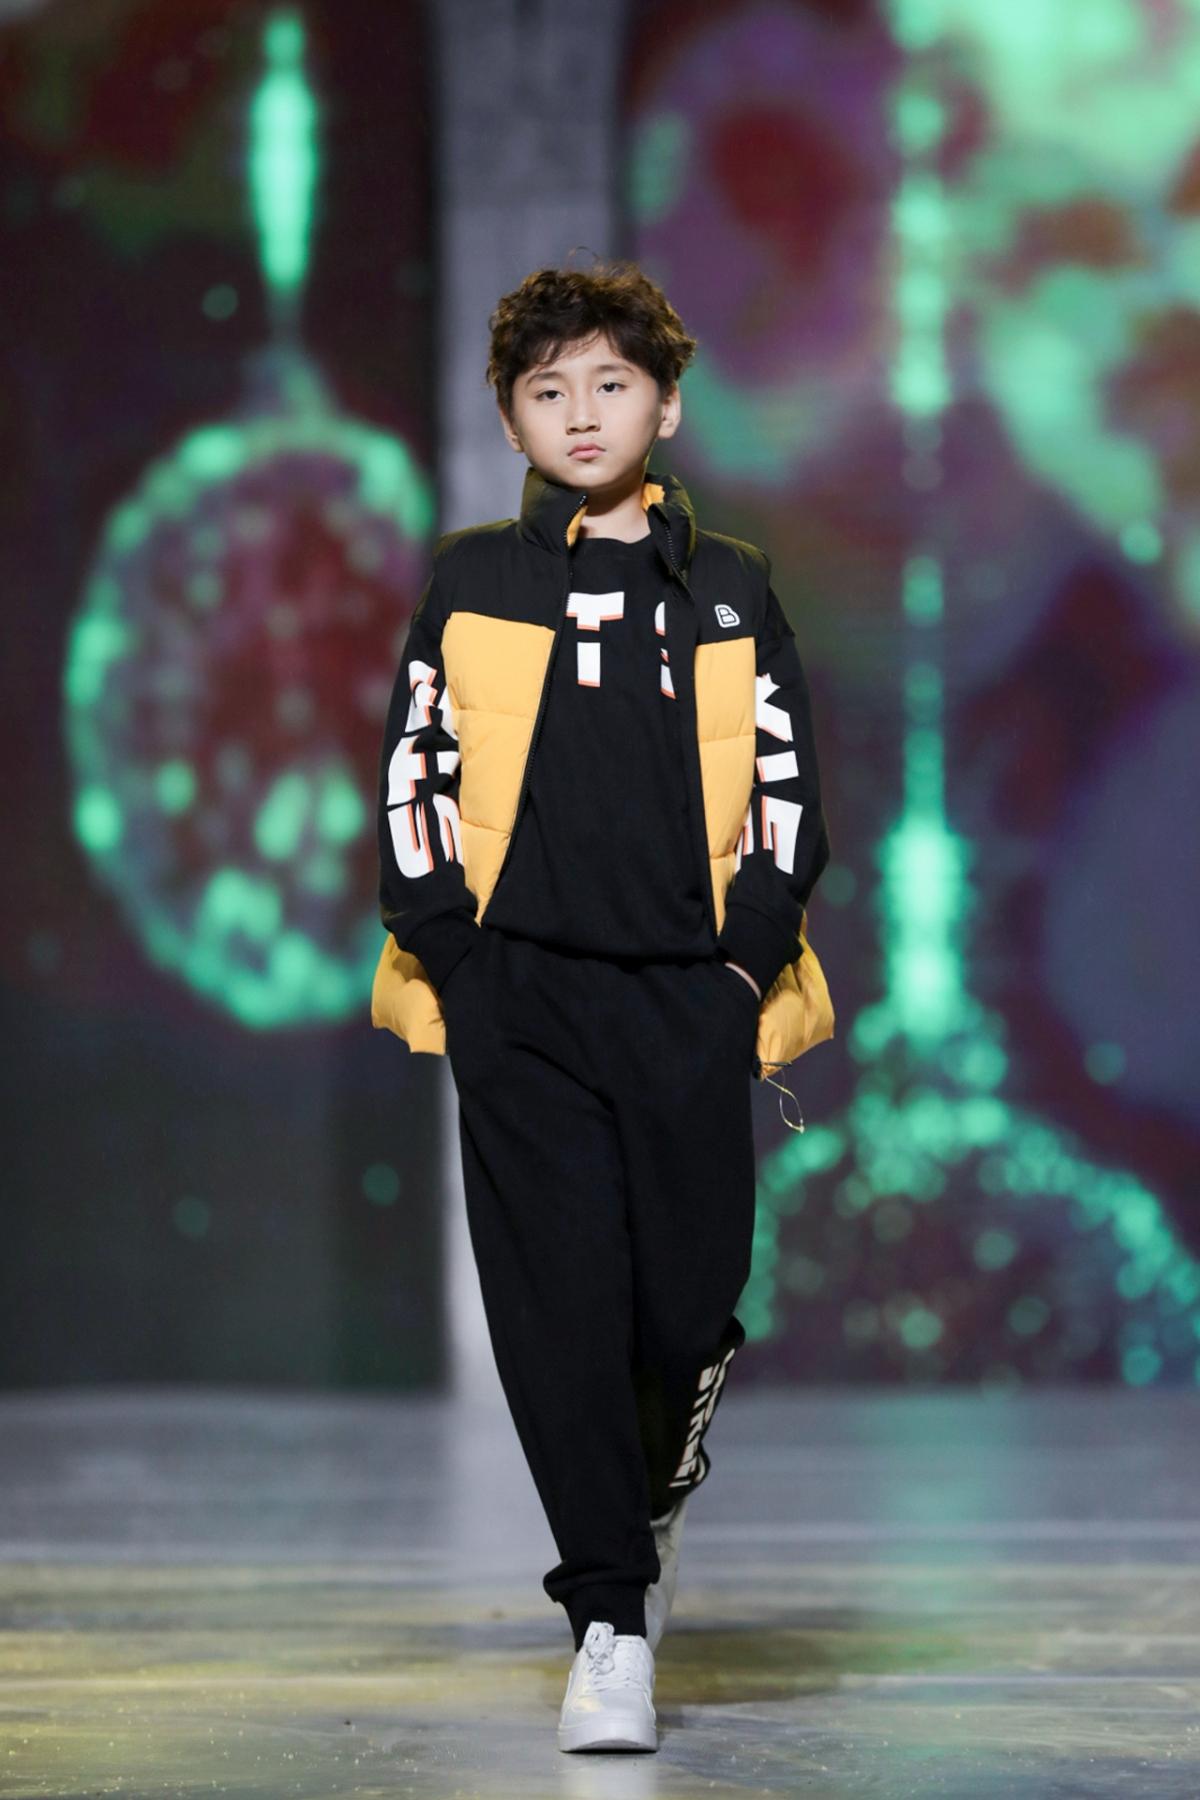 Là học trò do Cindy Thái Tài trực tiếp đứng lớp, mẫu nhí sinh năm 2011 cũng được cô giáo khen ngợi về kỹ năng catwalk và tự tin trên sàn runway./.